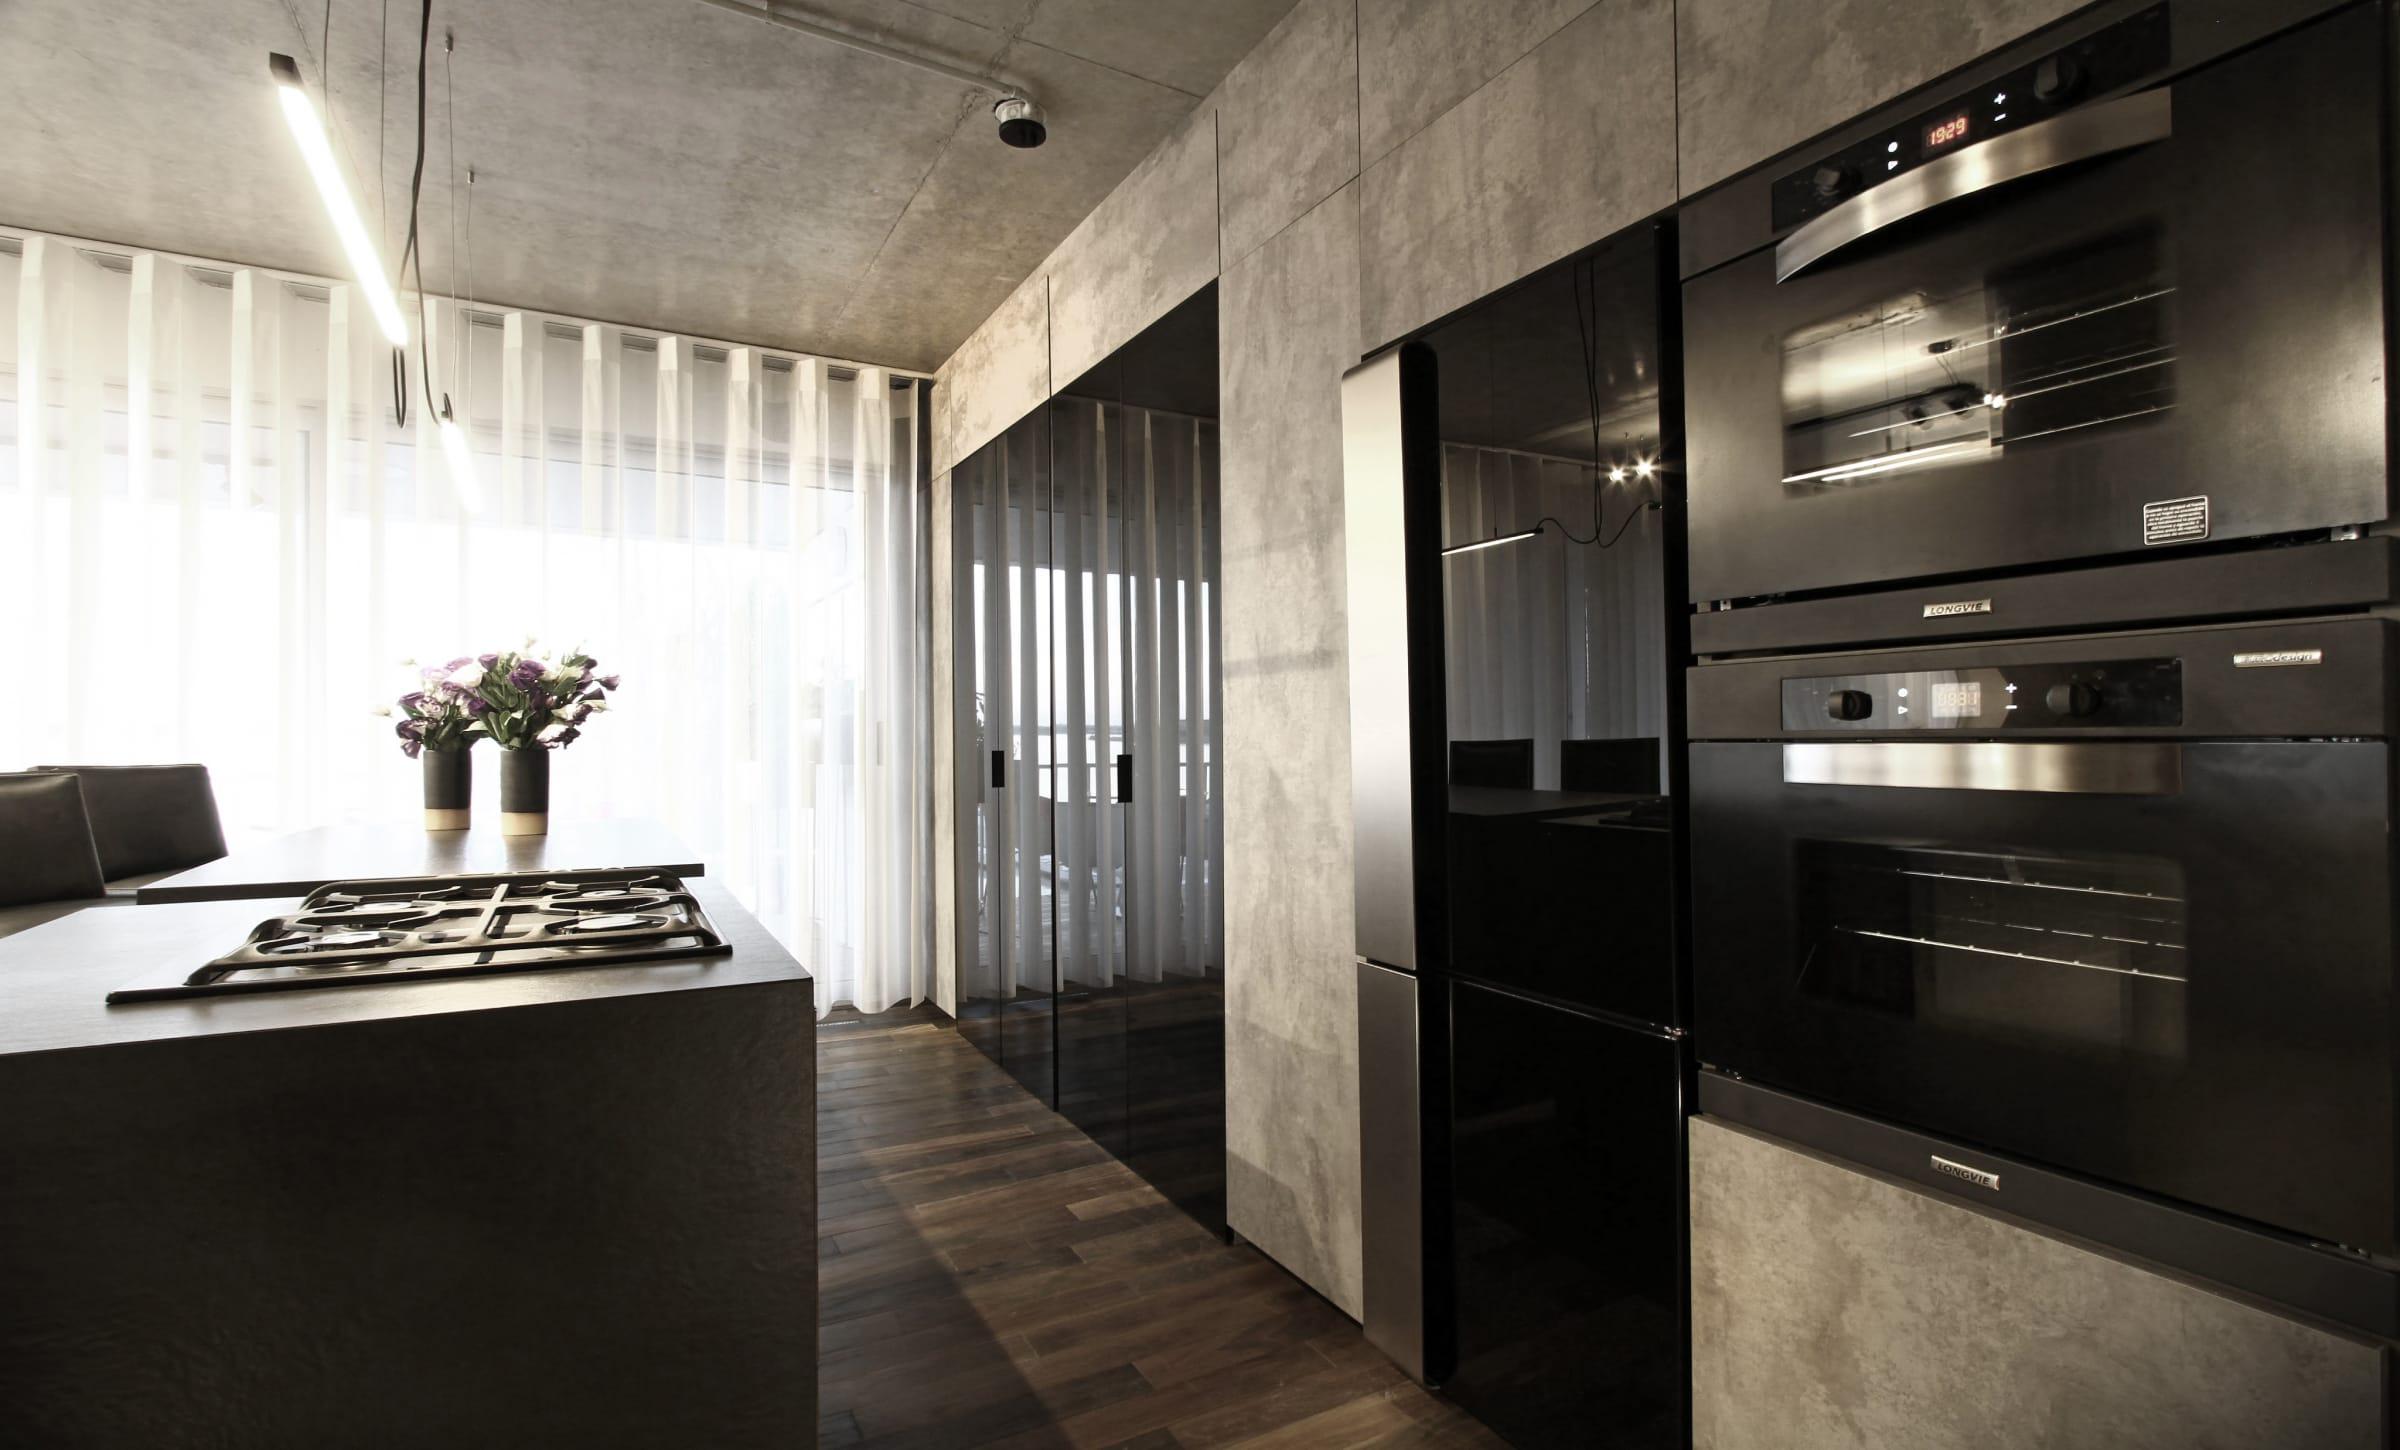 Los hornos empotrados y el anafe sobre la mesada de Longvie se integran perfectamente a la propuesta de cocina de Gallego y Martos.